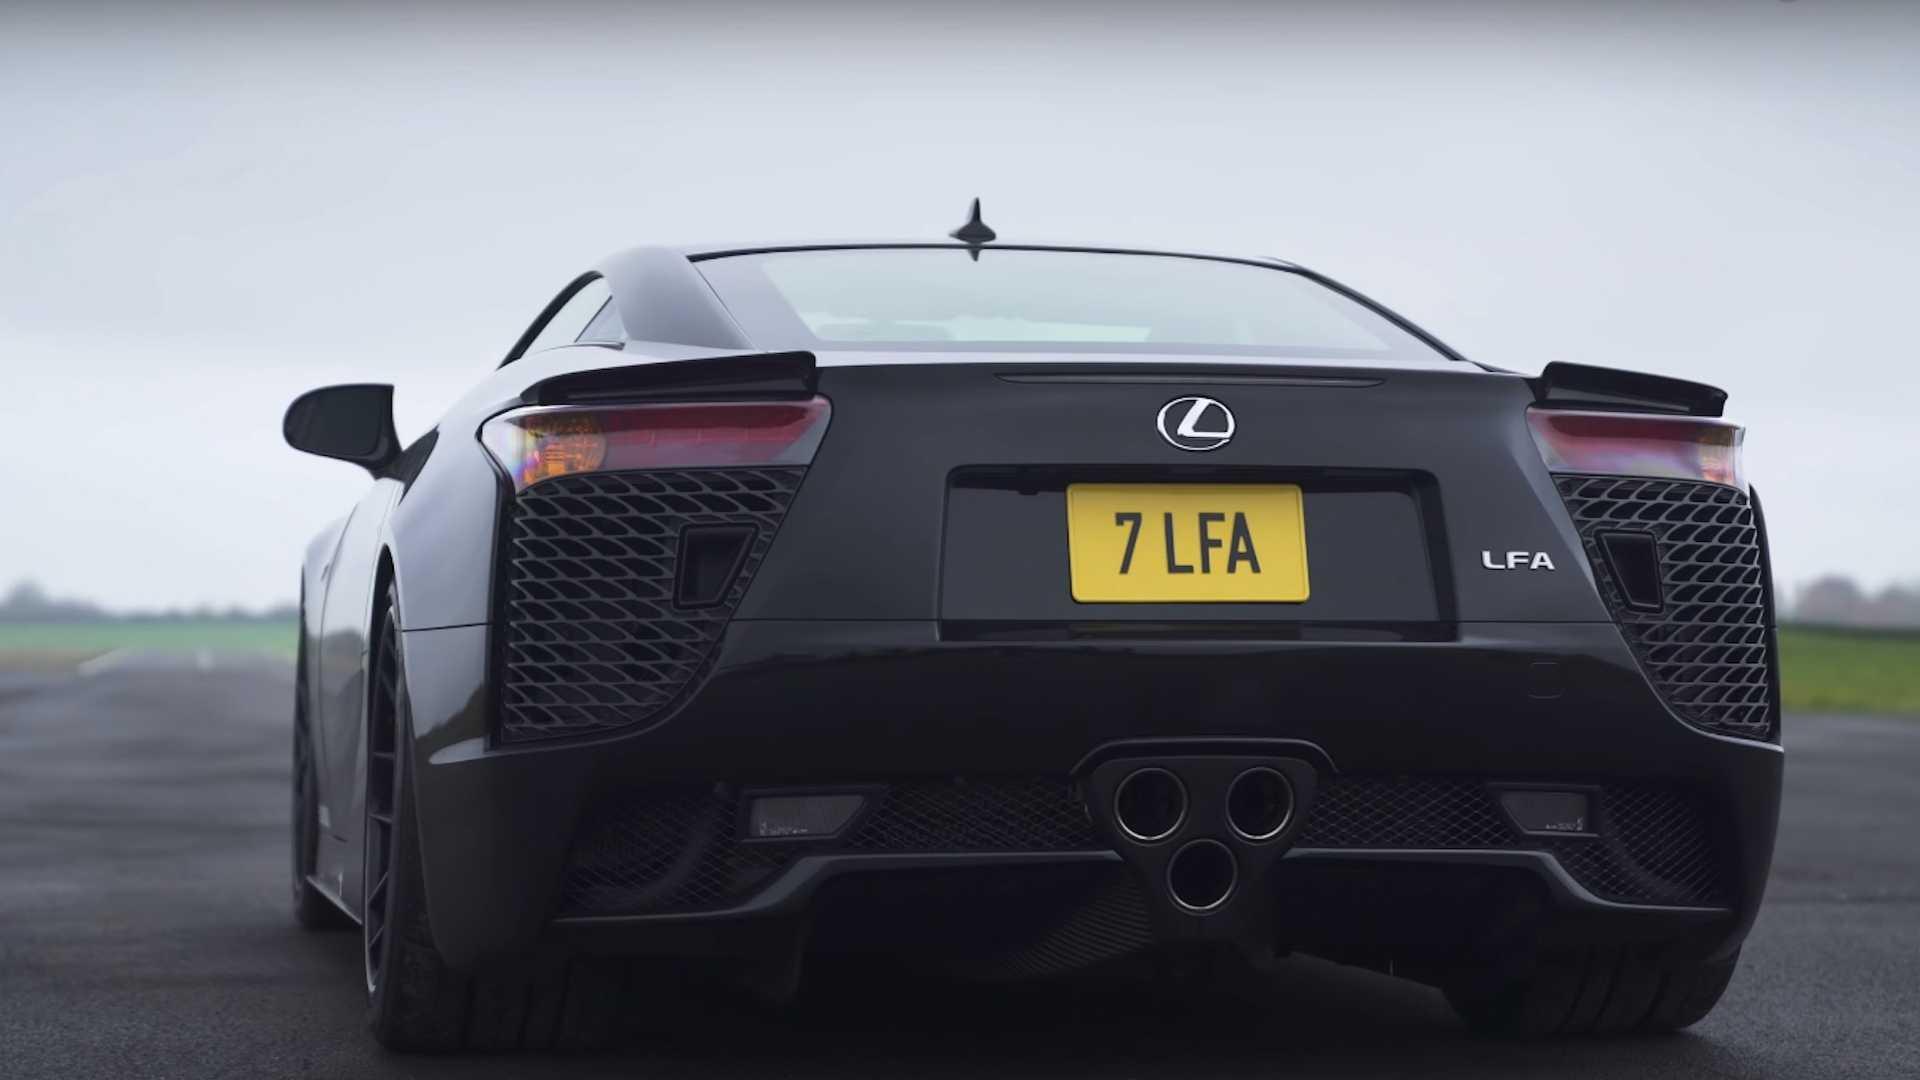 Lexus lfa (2010-2016)